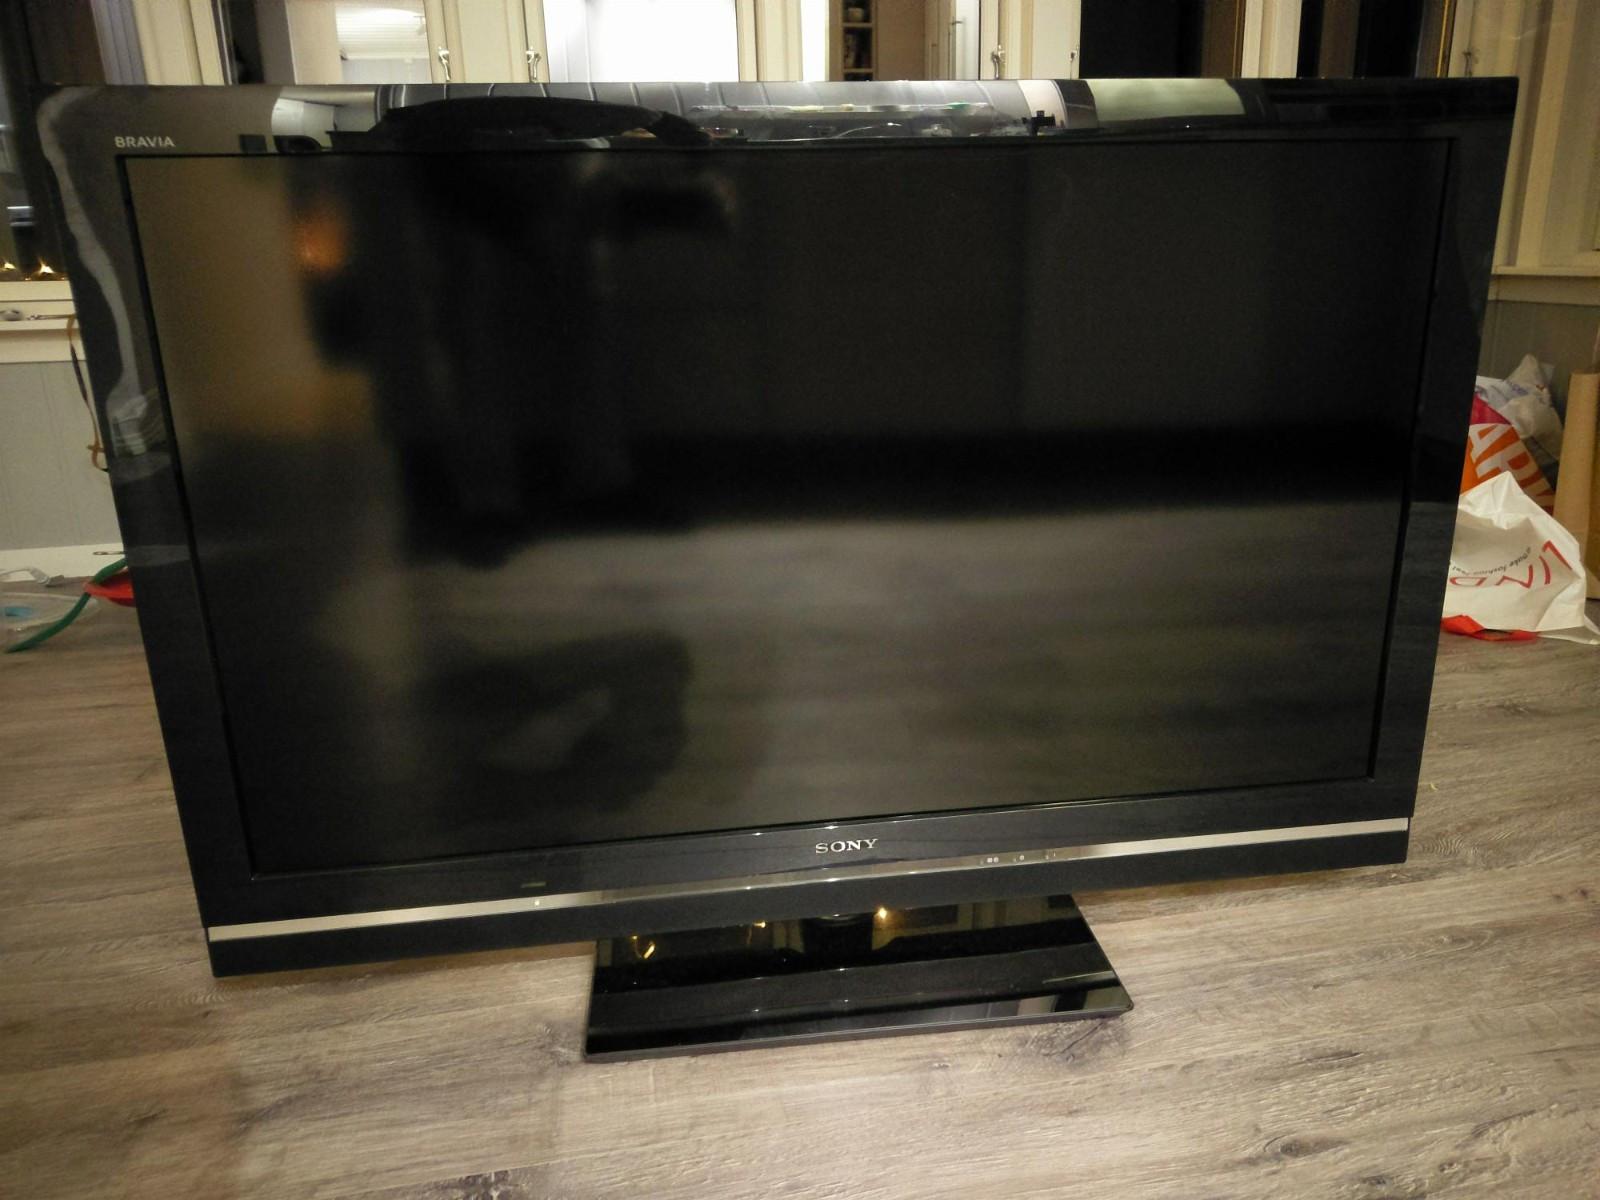 """Sony Bravia KDL 46V5500 46"""" - Porsgrunn  - Sony 46"""" bra tv selges høyst byende. Et døgn etter første bud.  Full HD, 4 HDMI, LAN, USB. Innebygd dekoder. - Porsgrunn"""